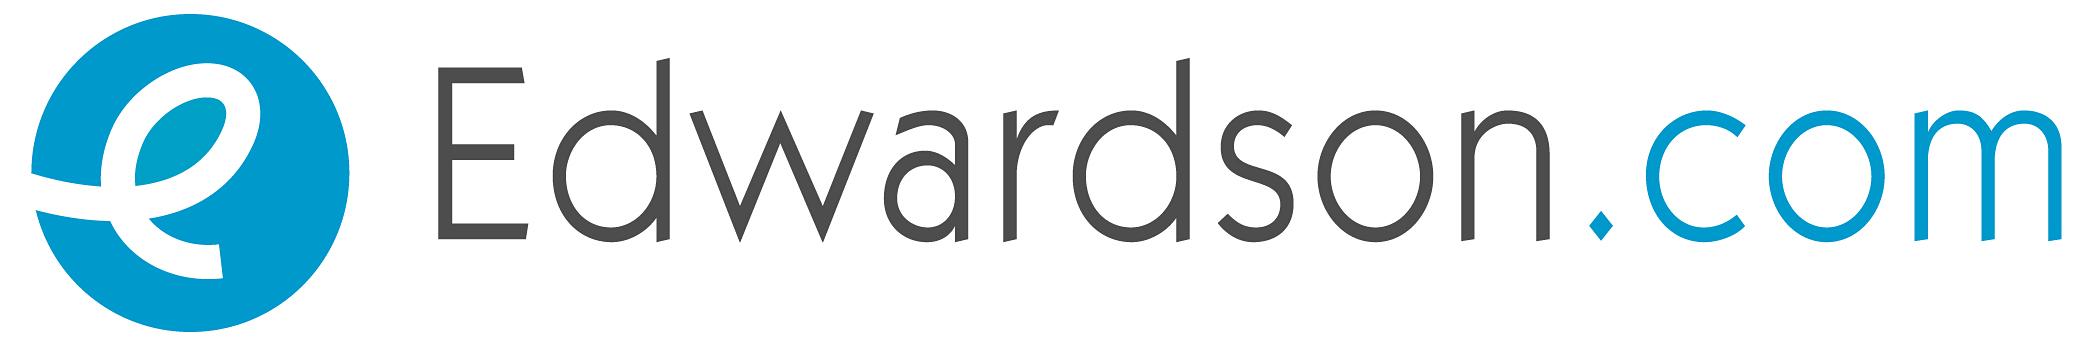 Edwardson.com